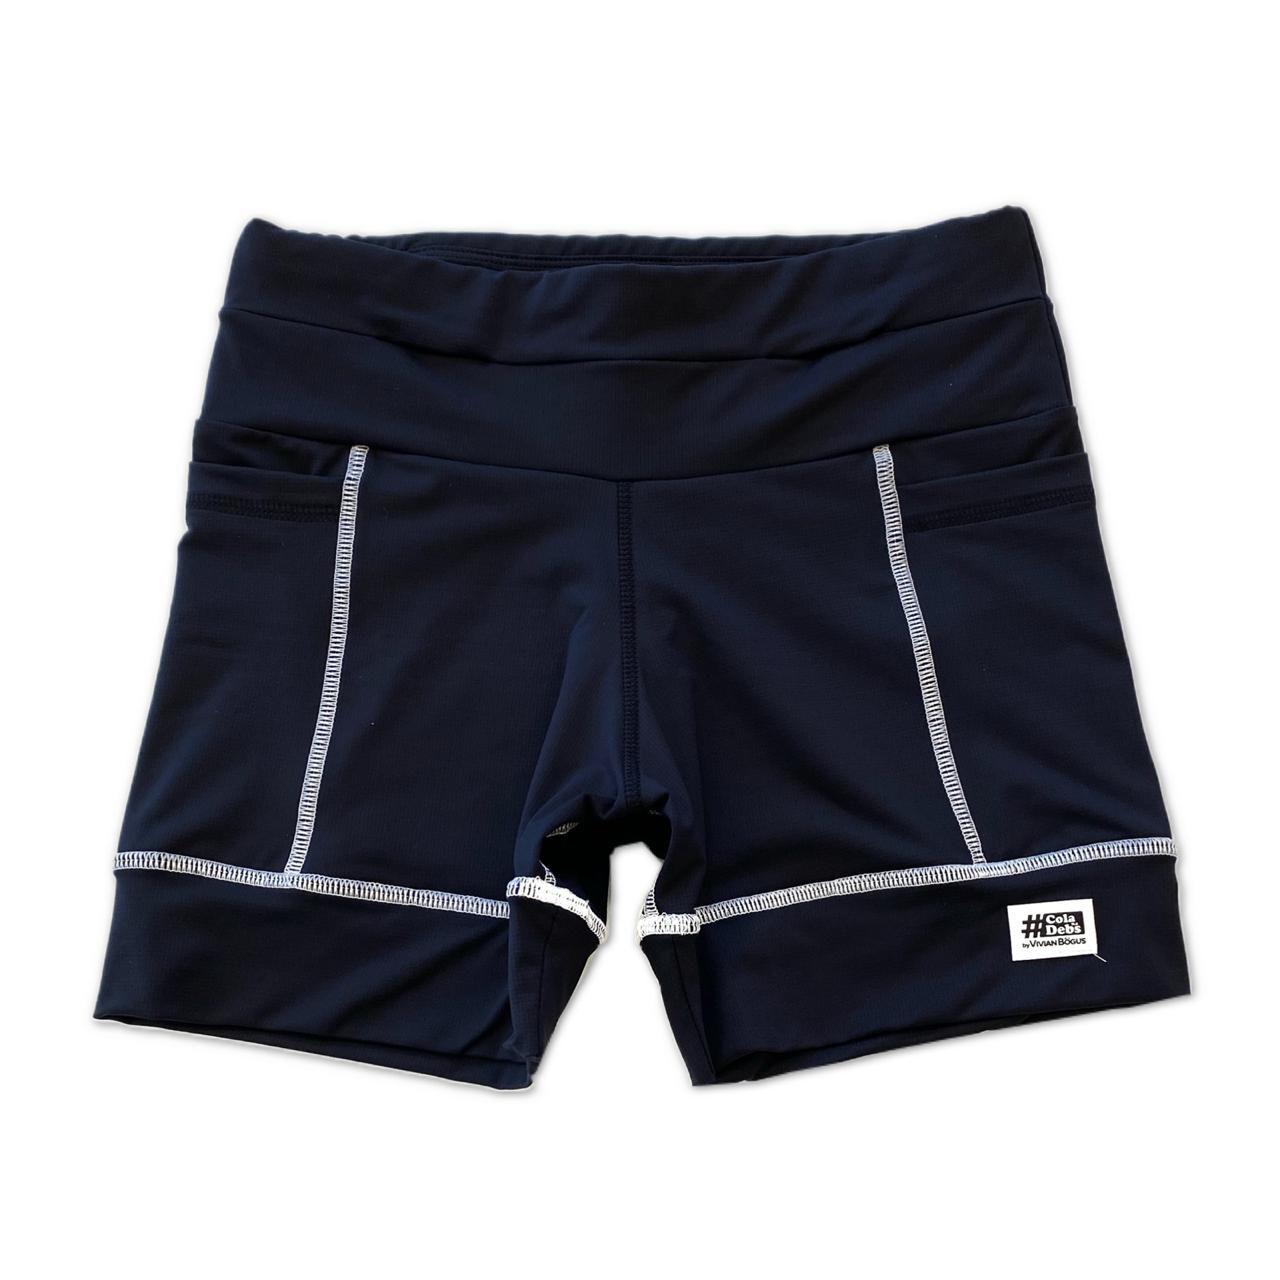 Shorts Multibolsos preto com costura branca em compress  - Vivian Bógus